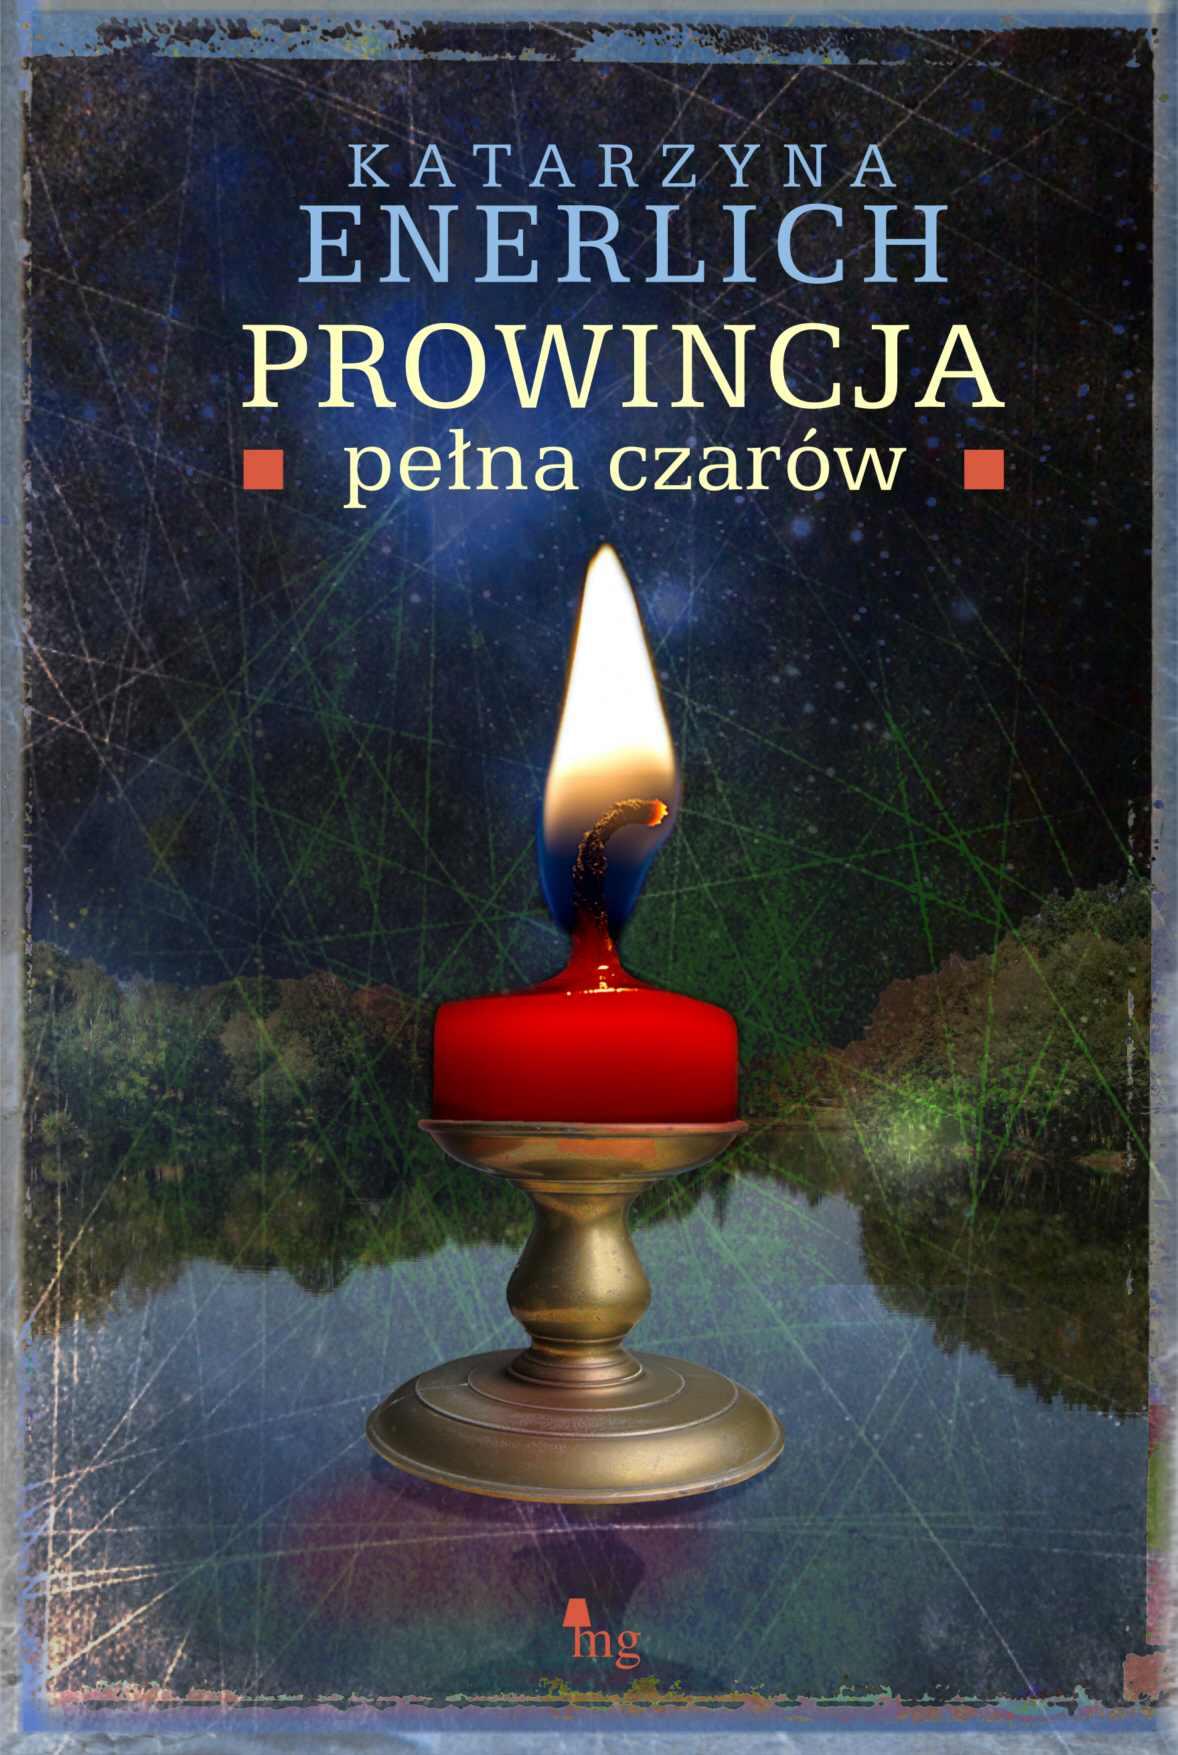 Prowincja pełna czarów - Ebook (Książka EPUB) do pobrania w formacie EPUB